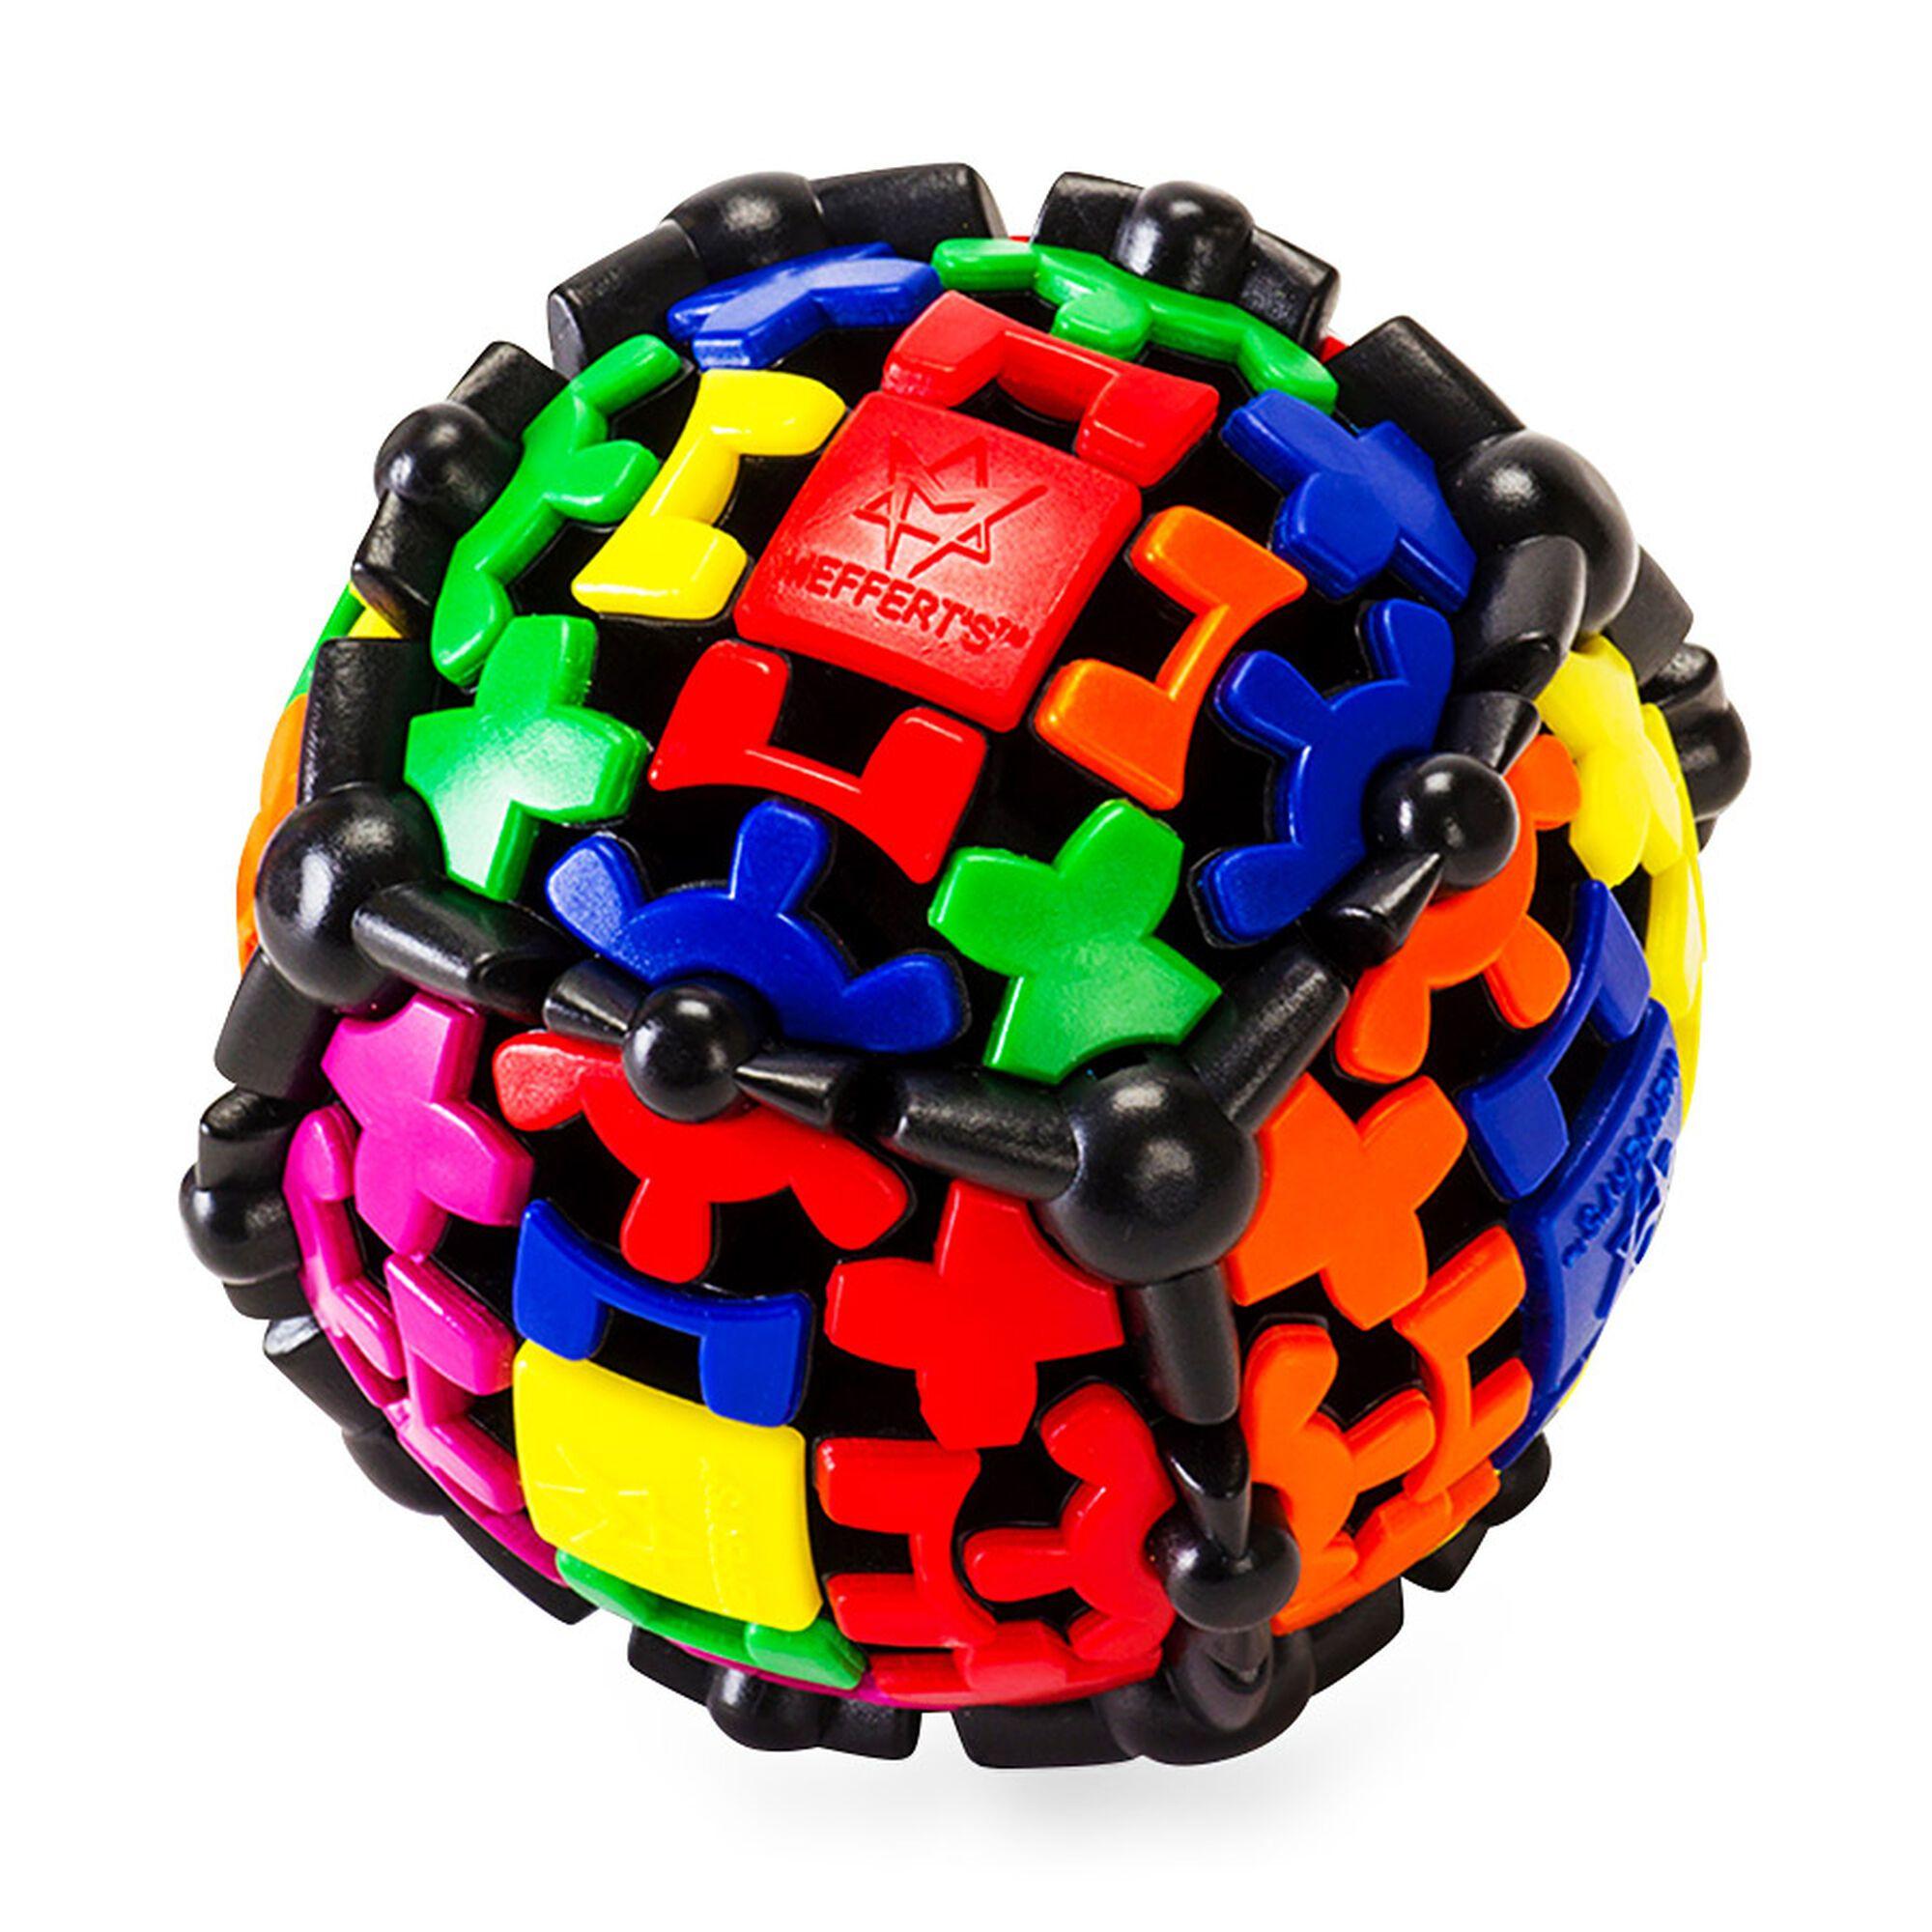 【MoMA Design Store】家族で楽しみたい、アーティスティックなパズル